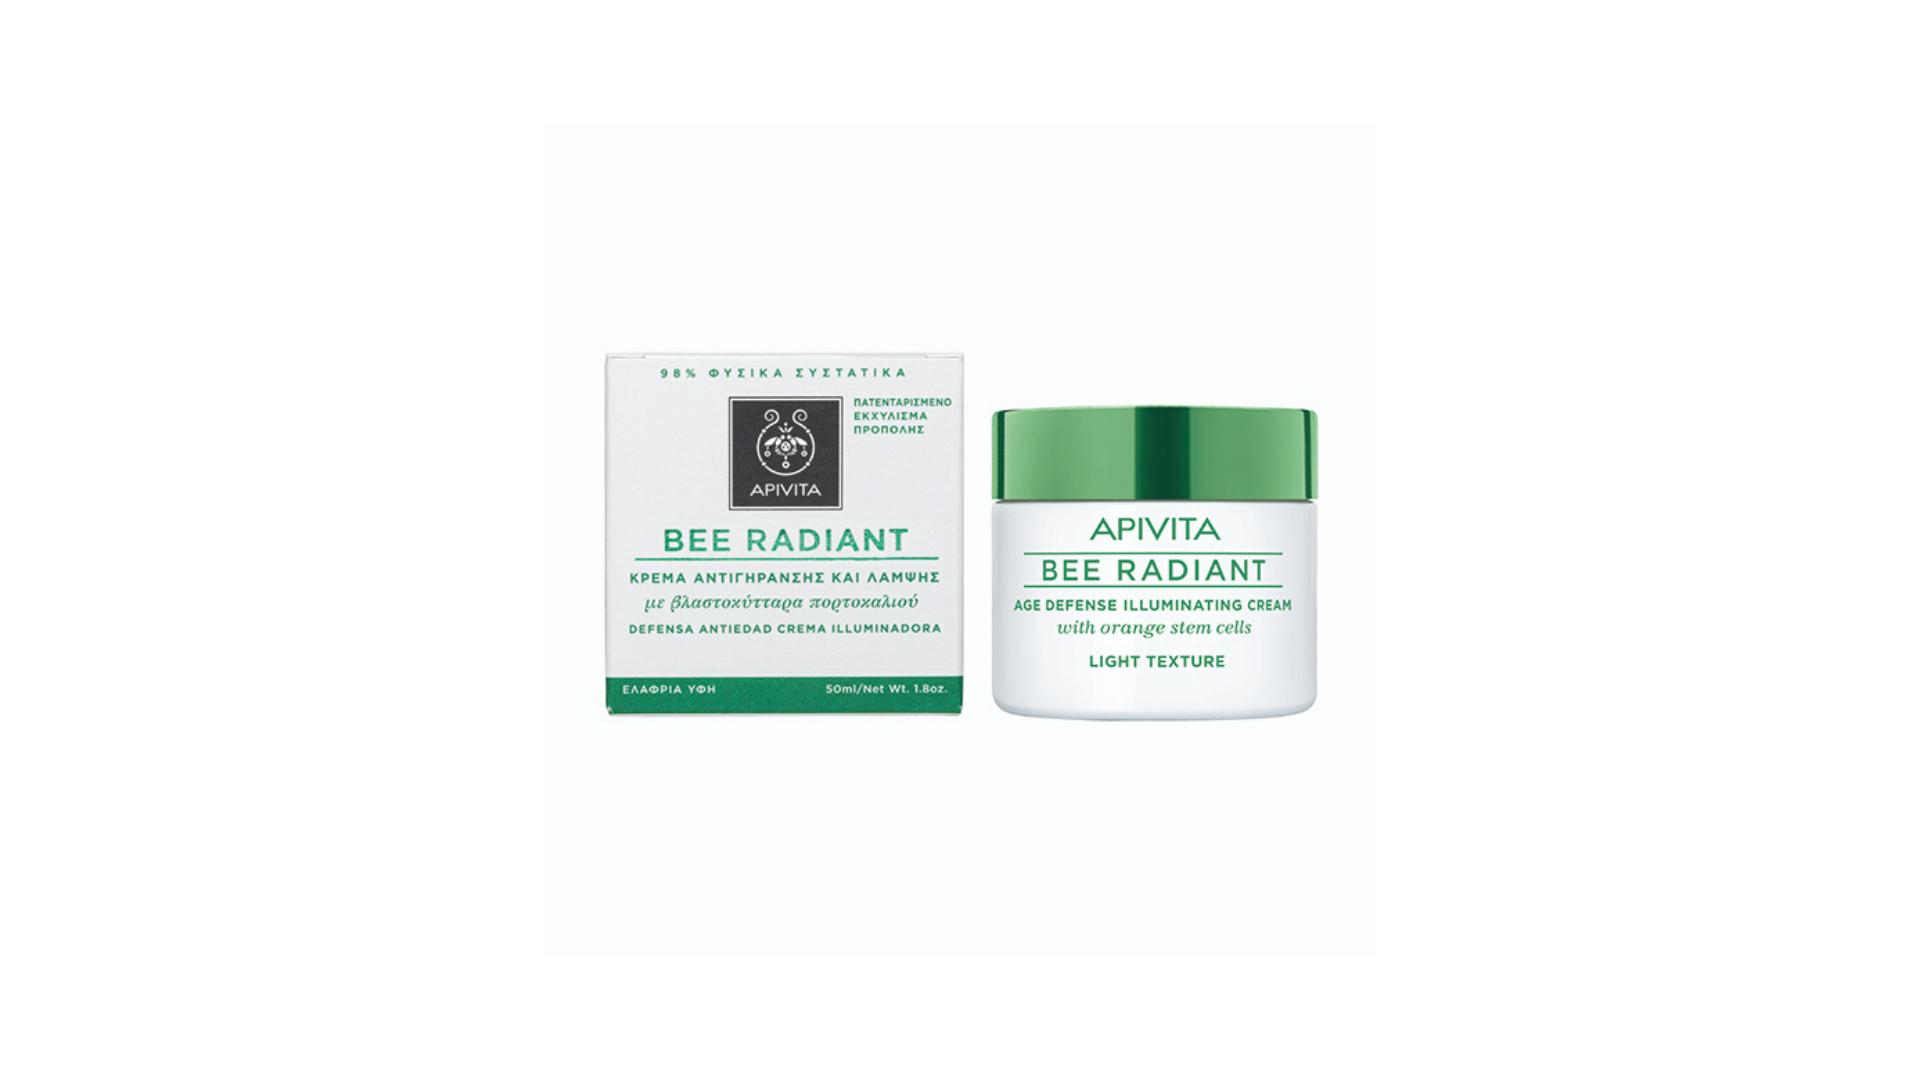 Apivita | Bee Radiant Creme Iluminador Textura Ligeira 50ml